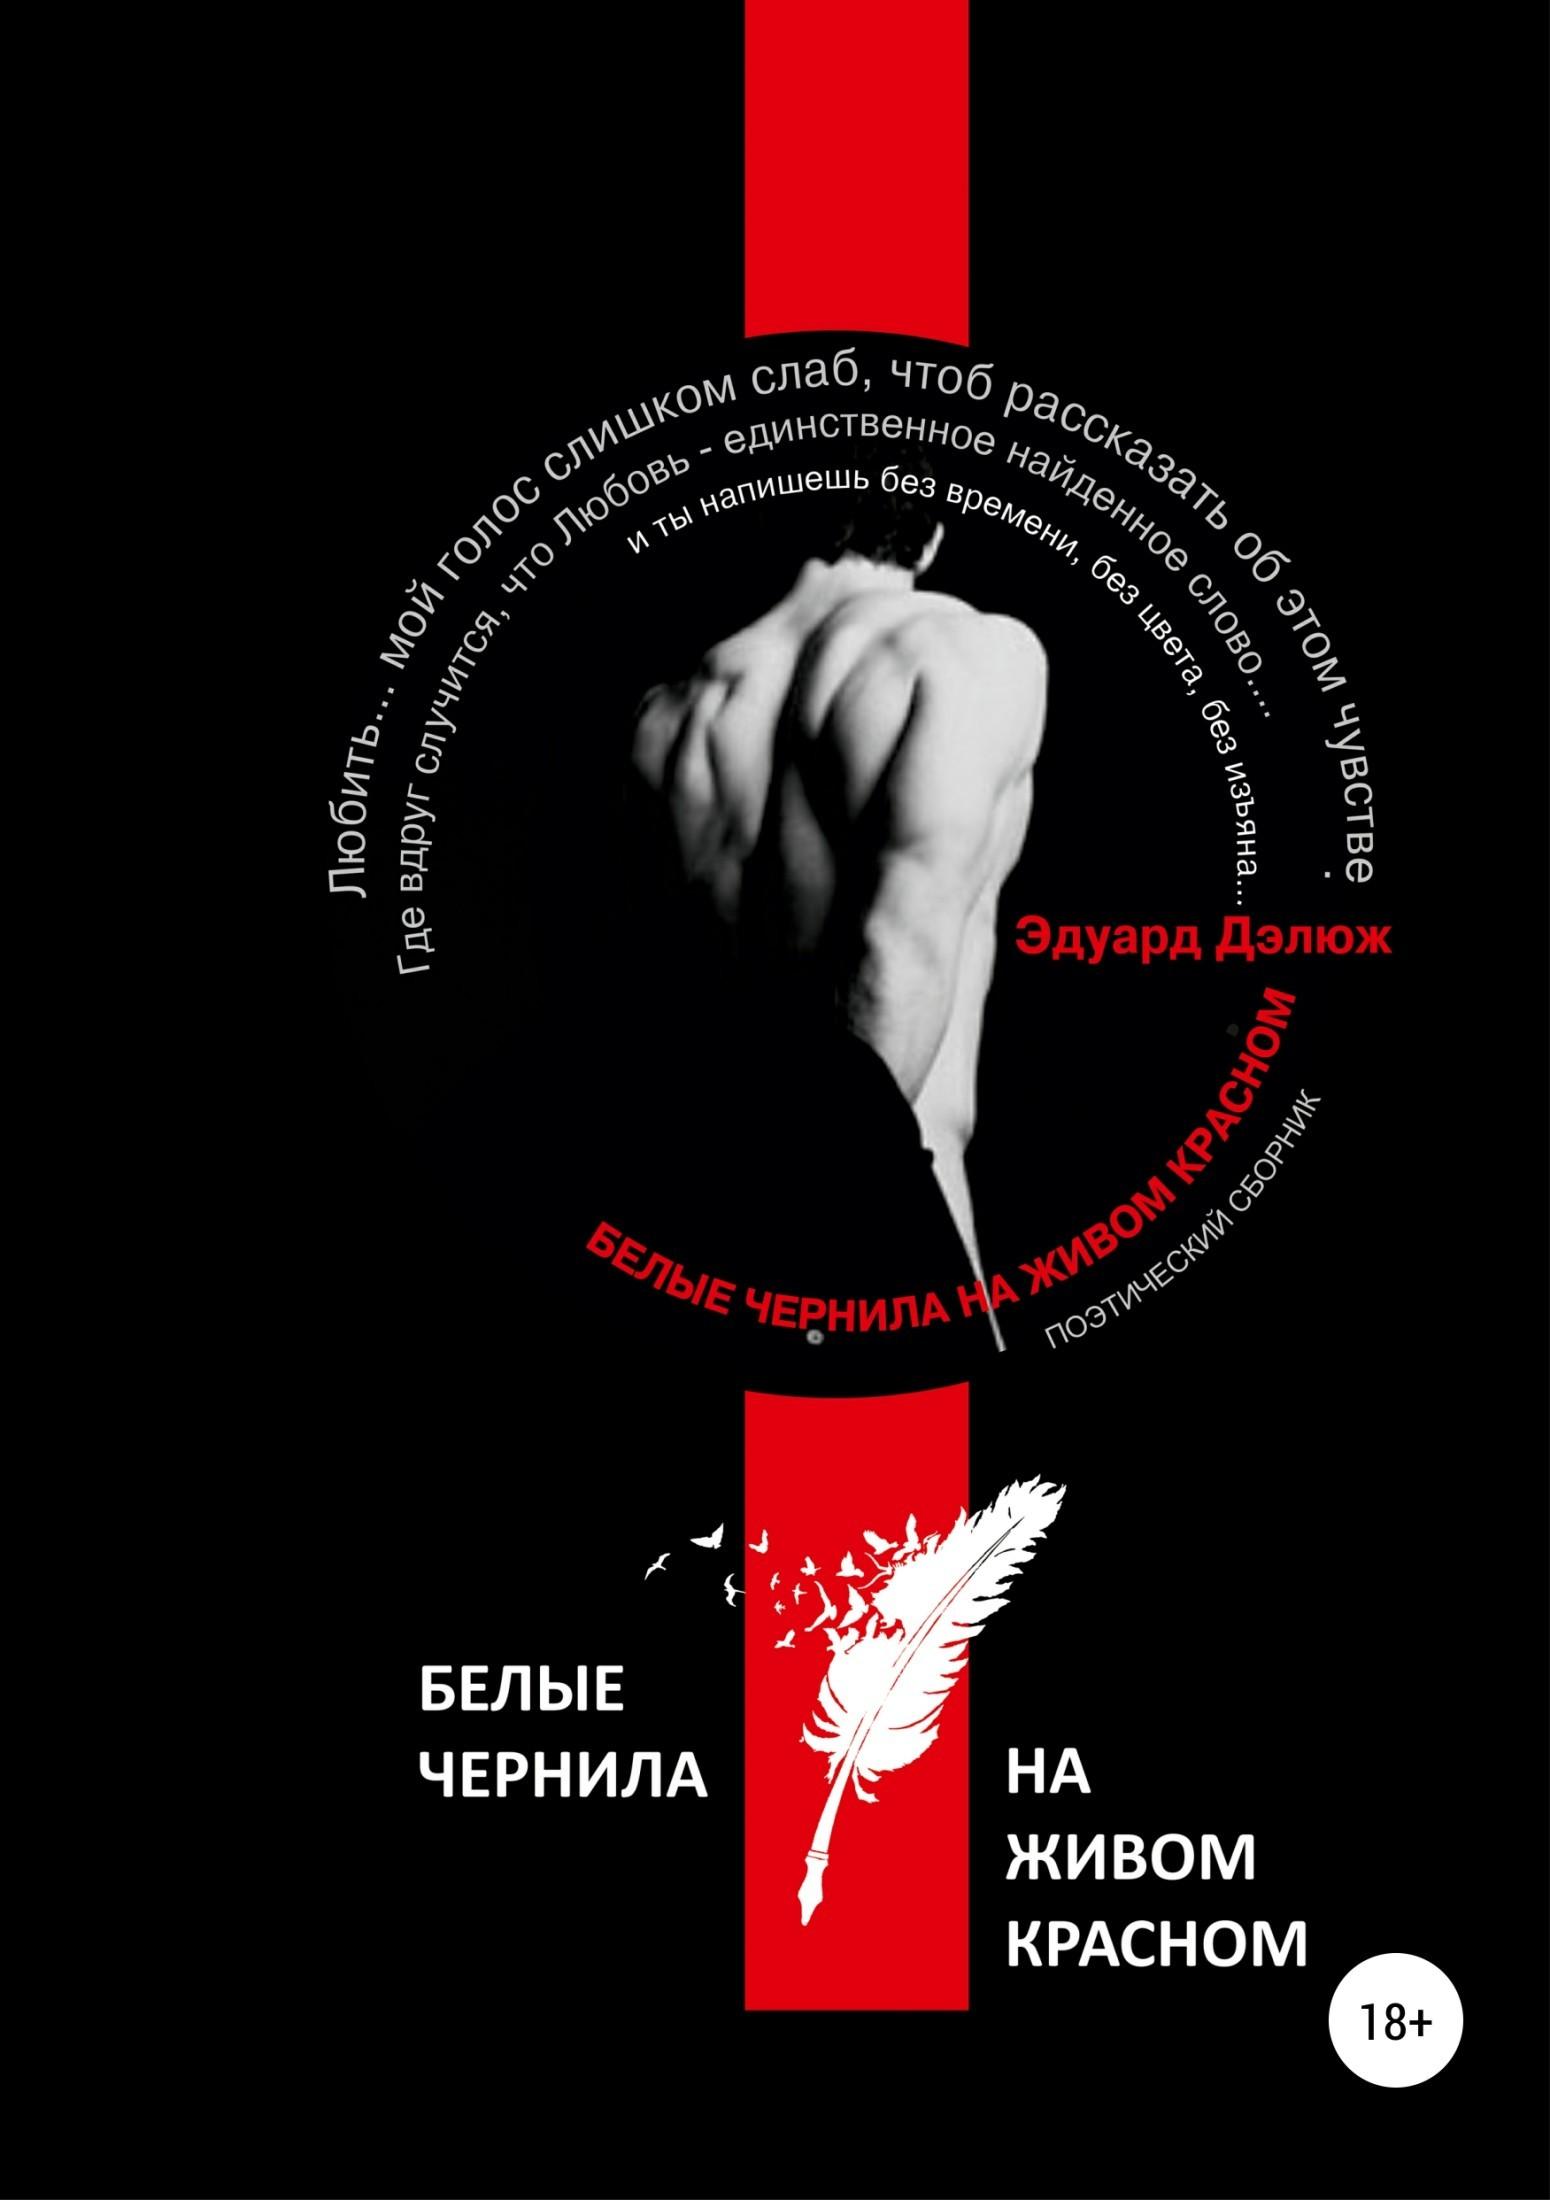 Эдуард Дэлюж - Белые чернила на живом красном